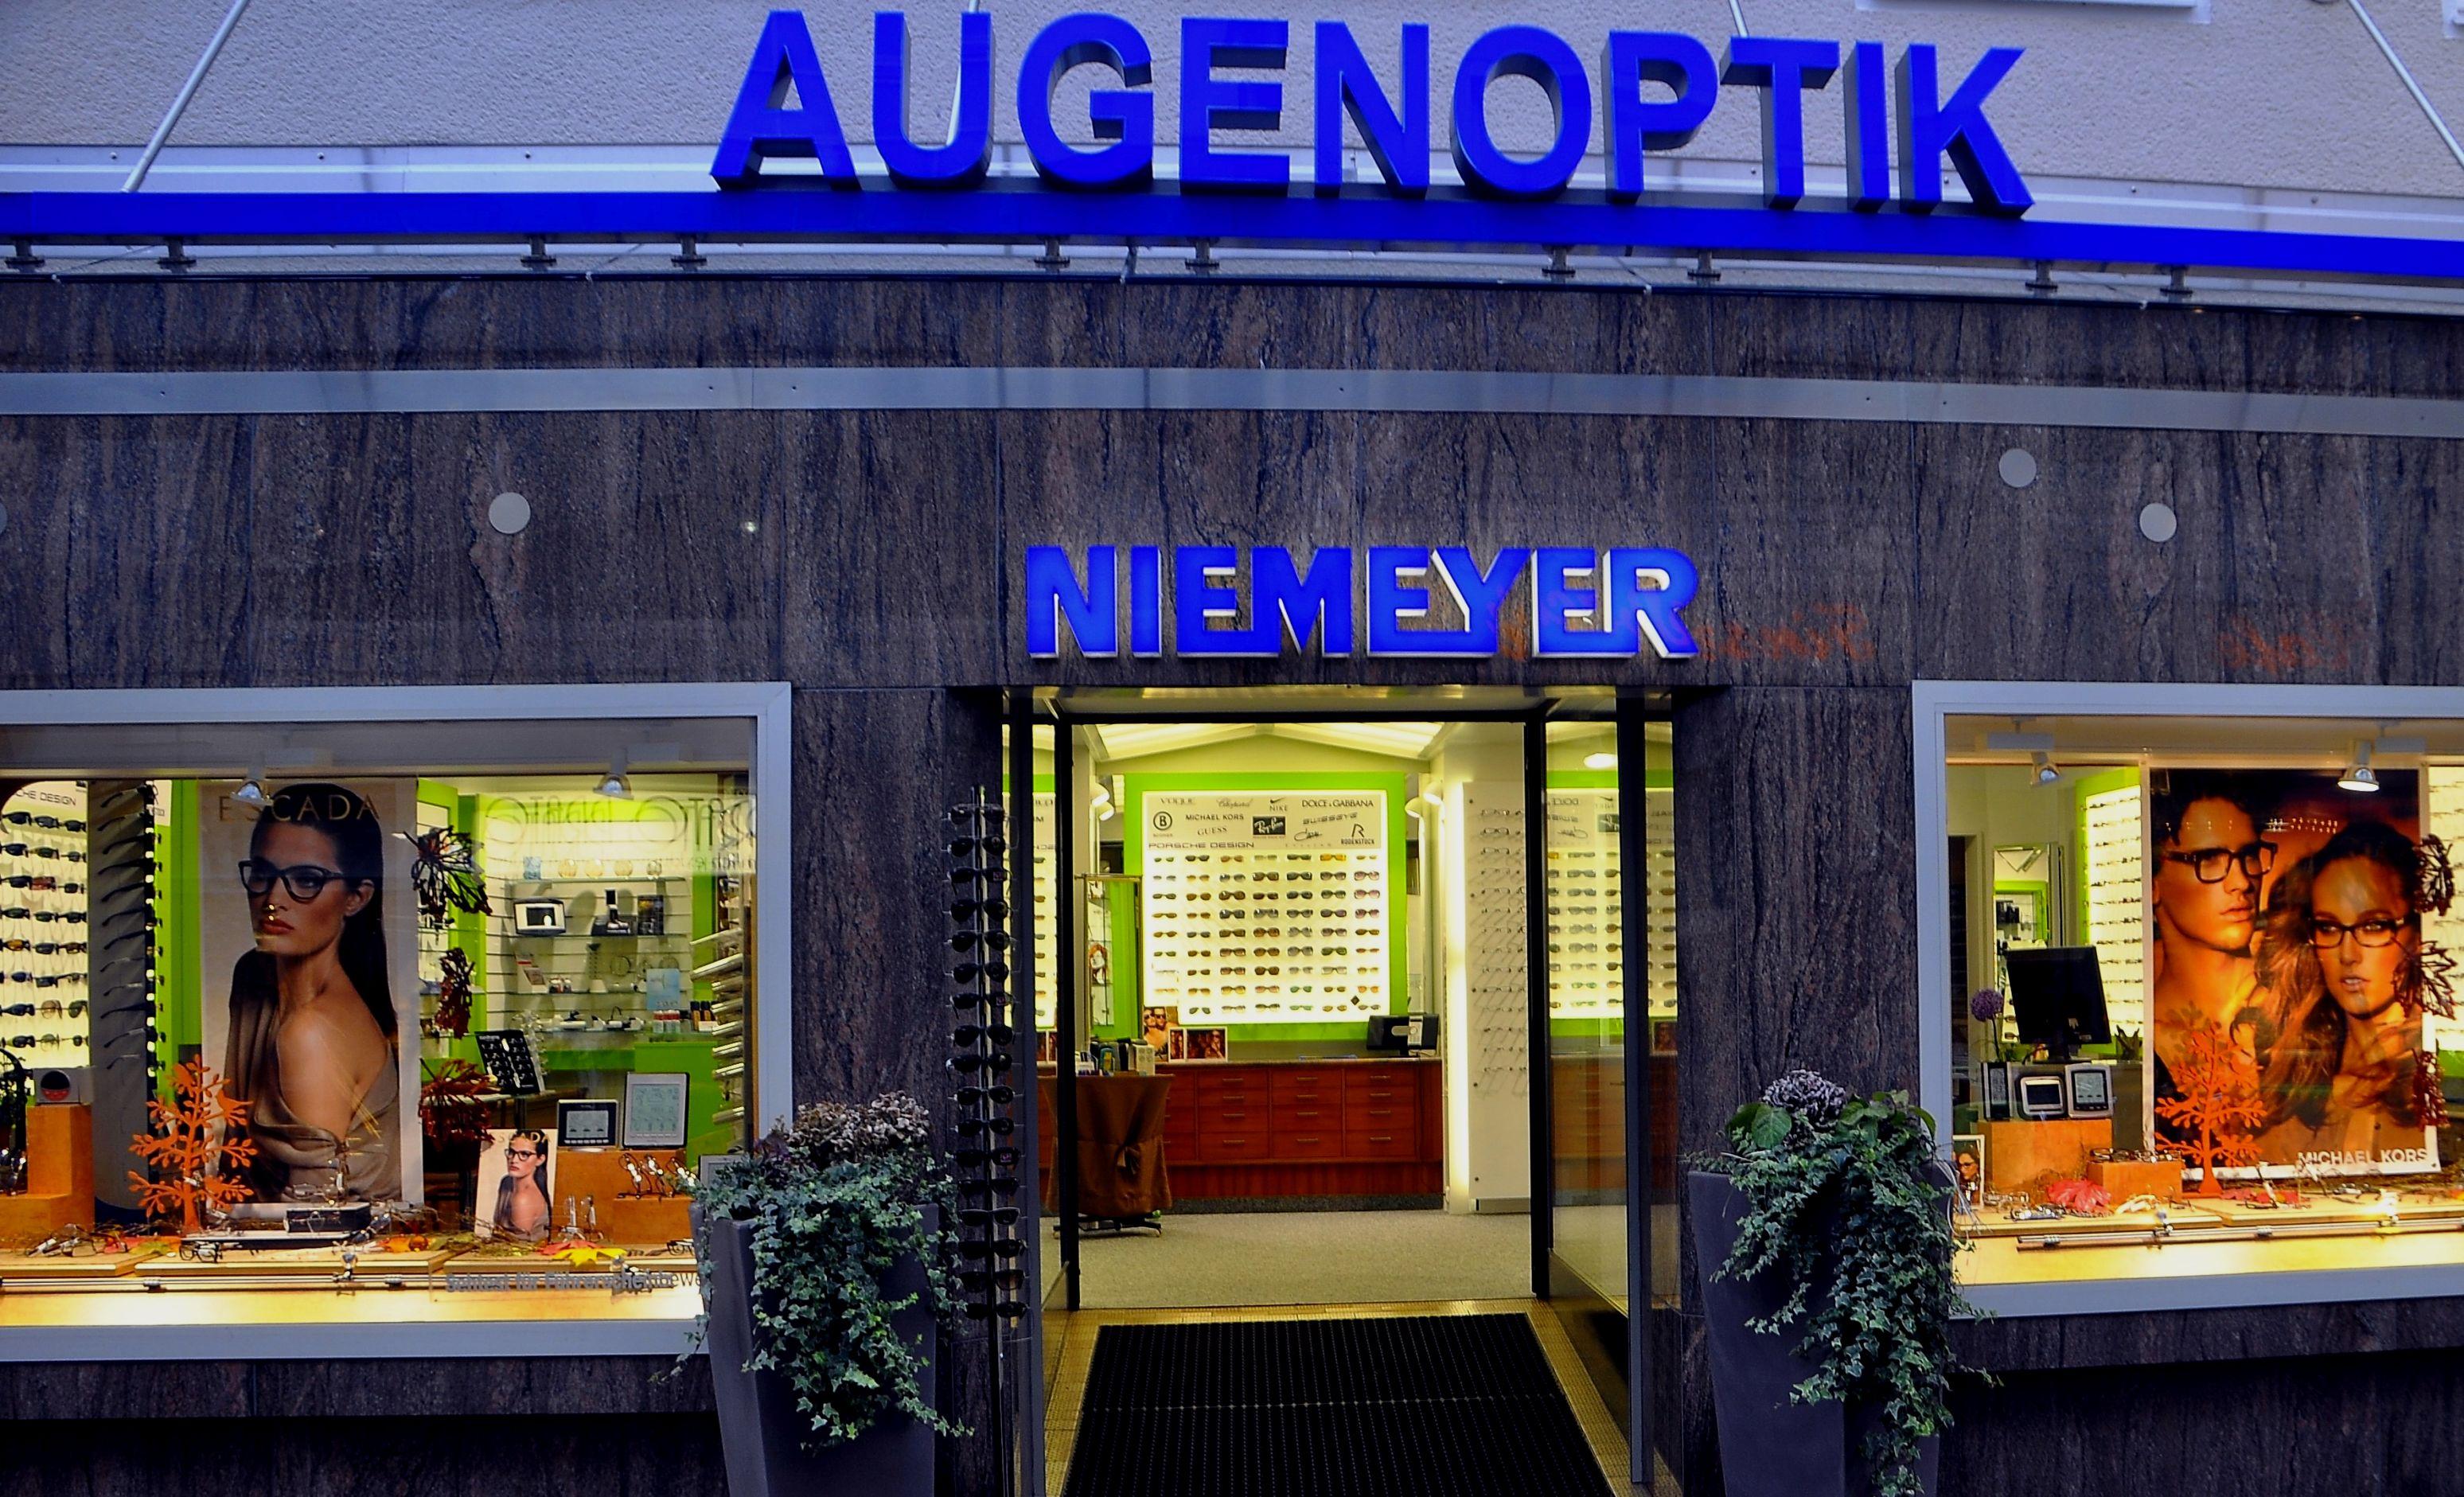 Augenoptik Franz Niemeyer